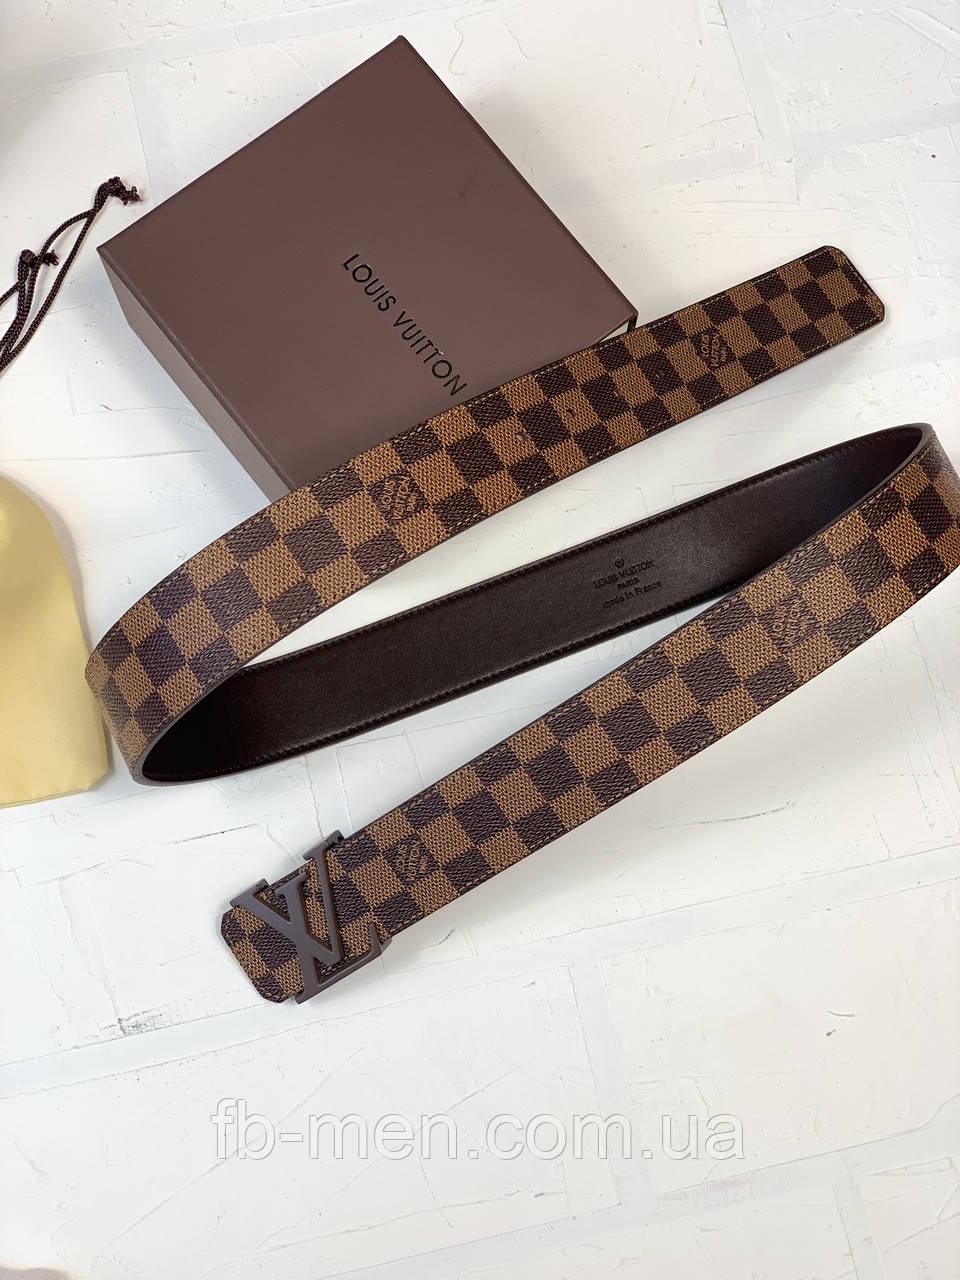 Ремень Louis Vuitton коричневая шашка | Ремень мужской женский Луи Виттон кожаный в коробке